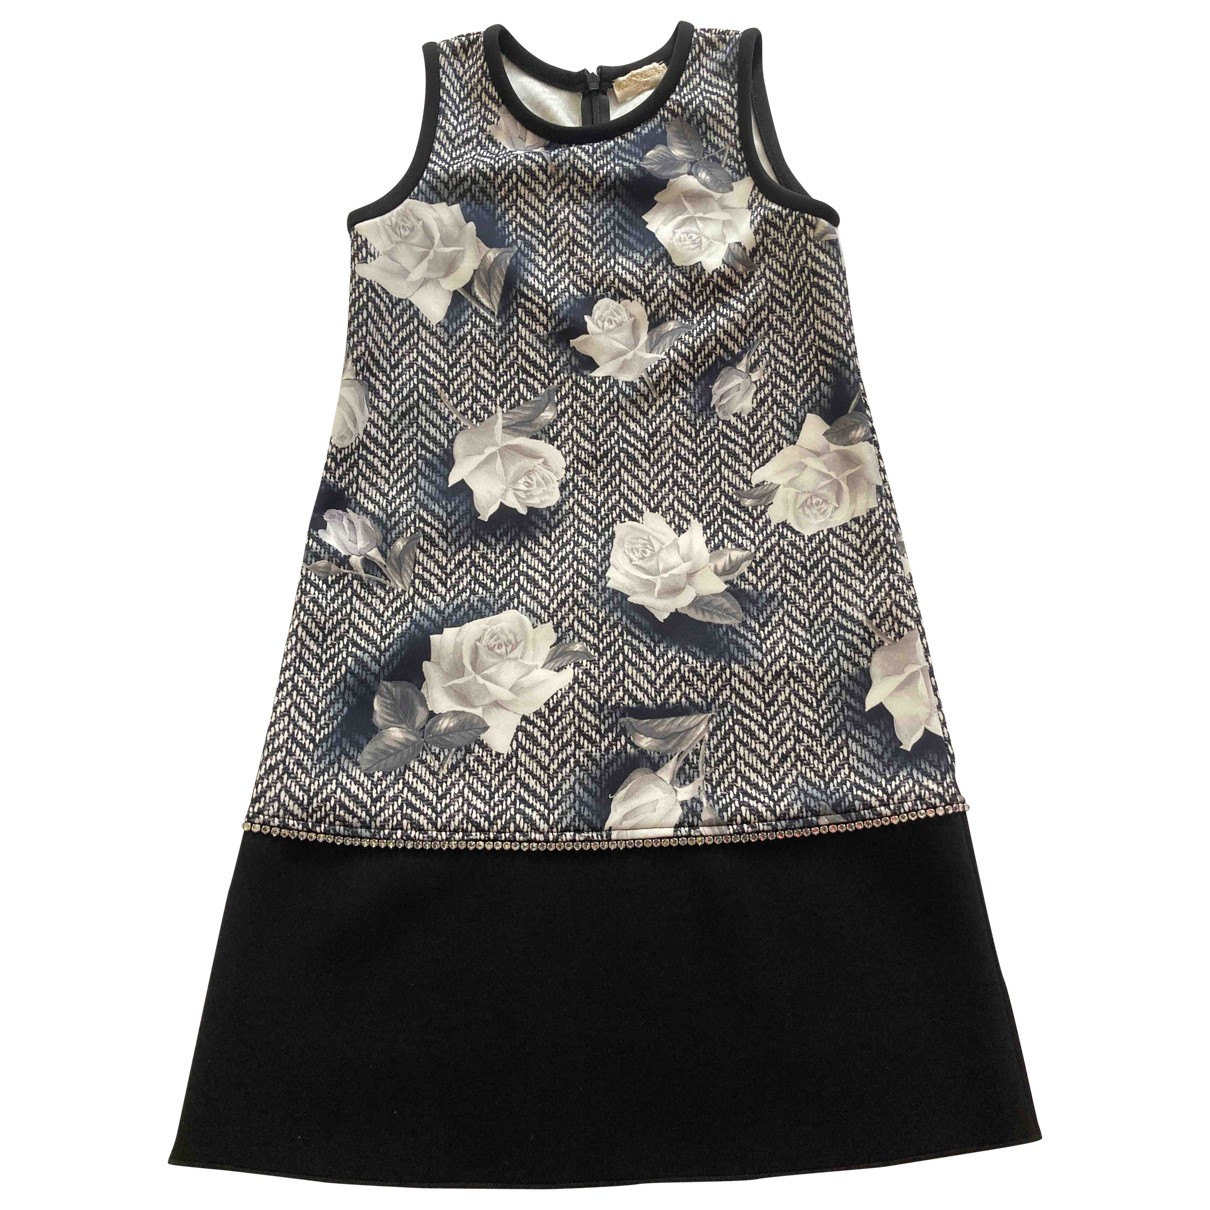 Monnalisa \N Kleid in  Grau Polyester